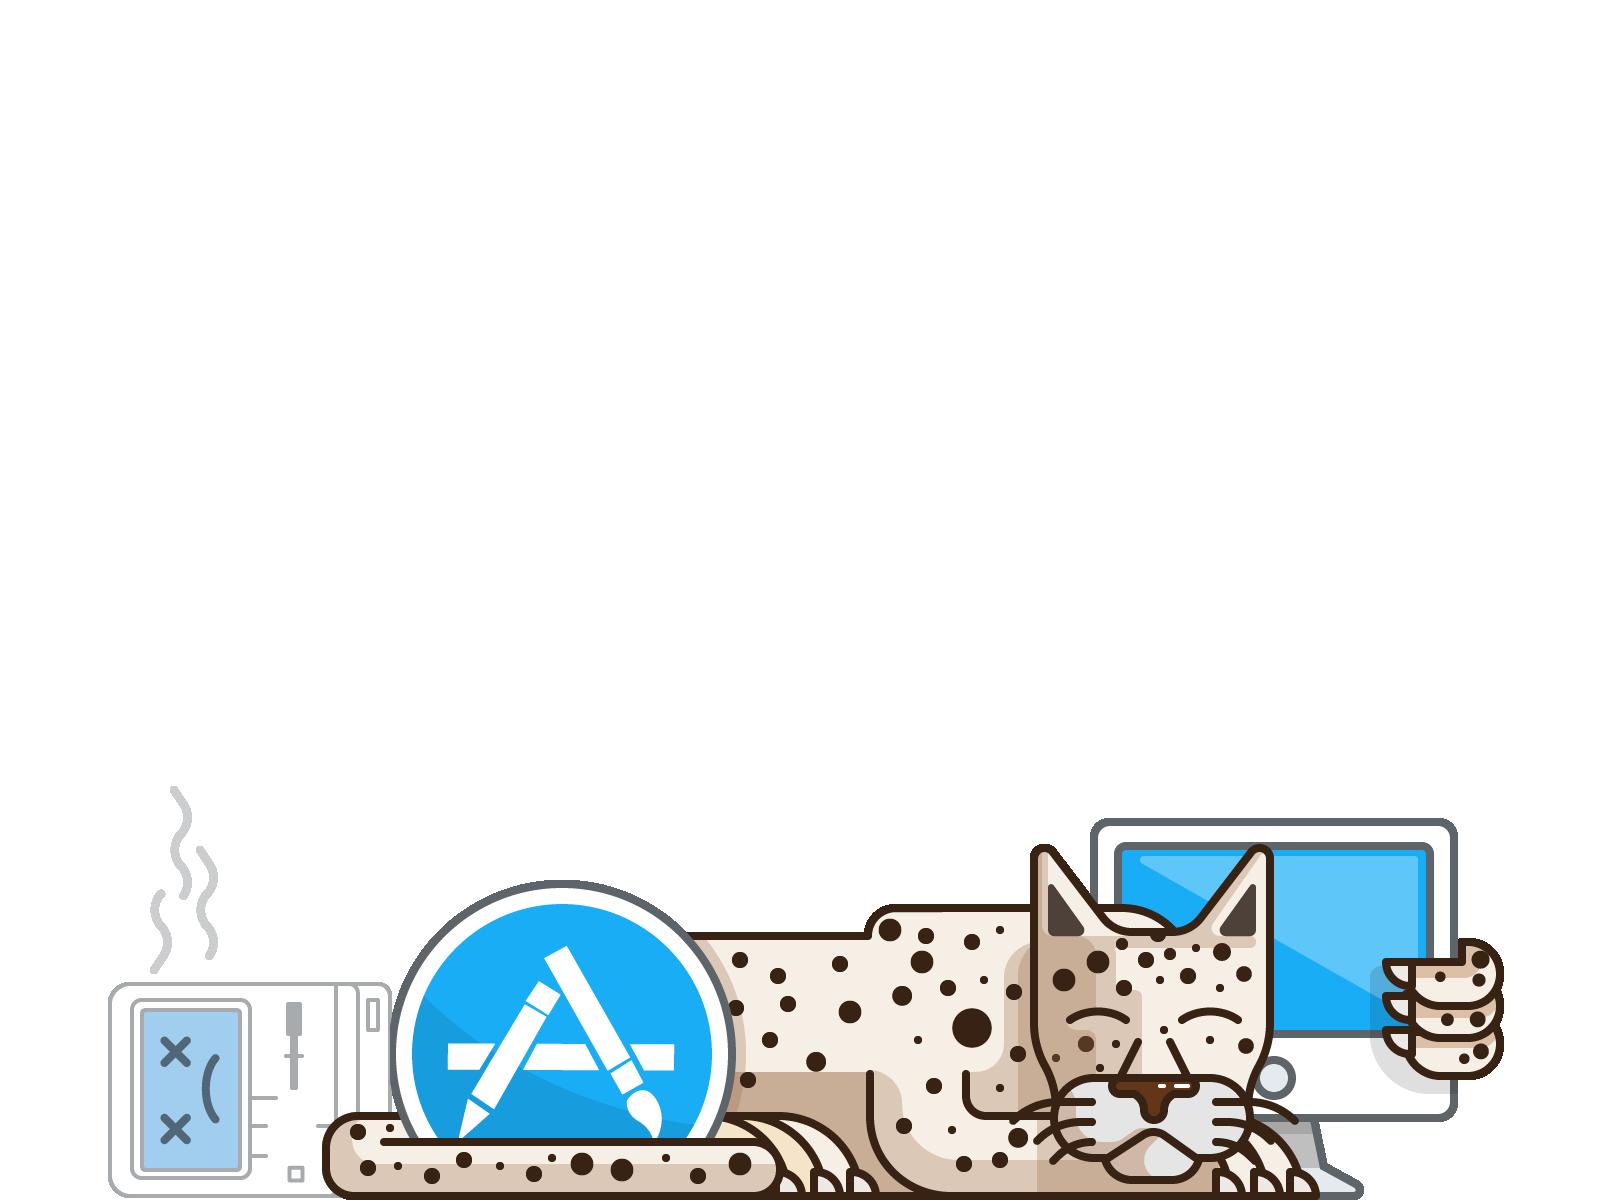 2009年8月推出的OS X 10.6 SNOW LEOPARD